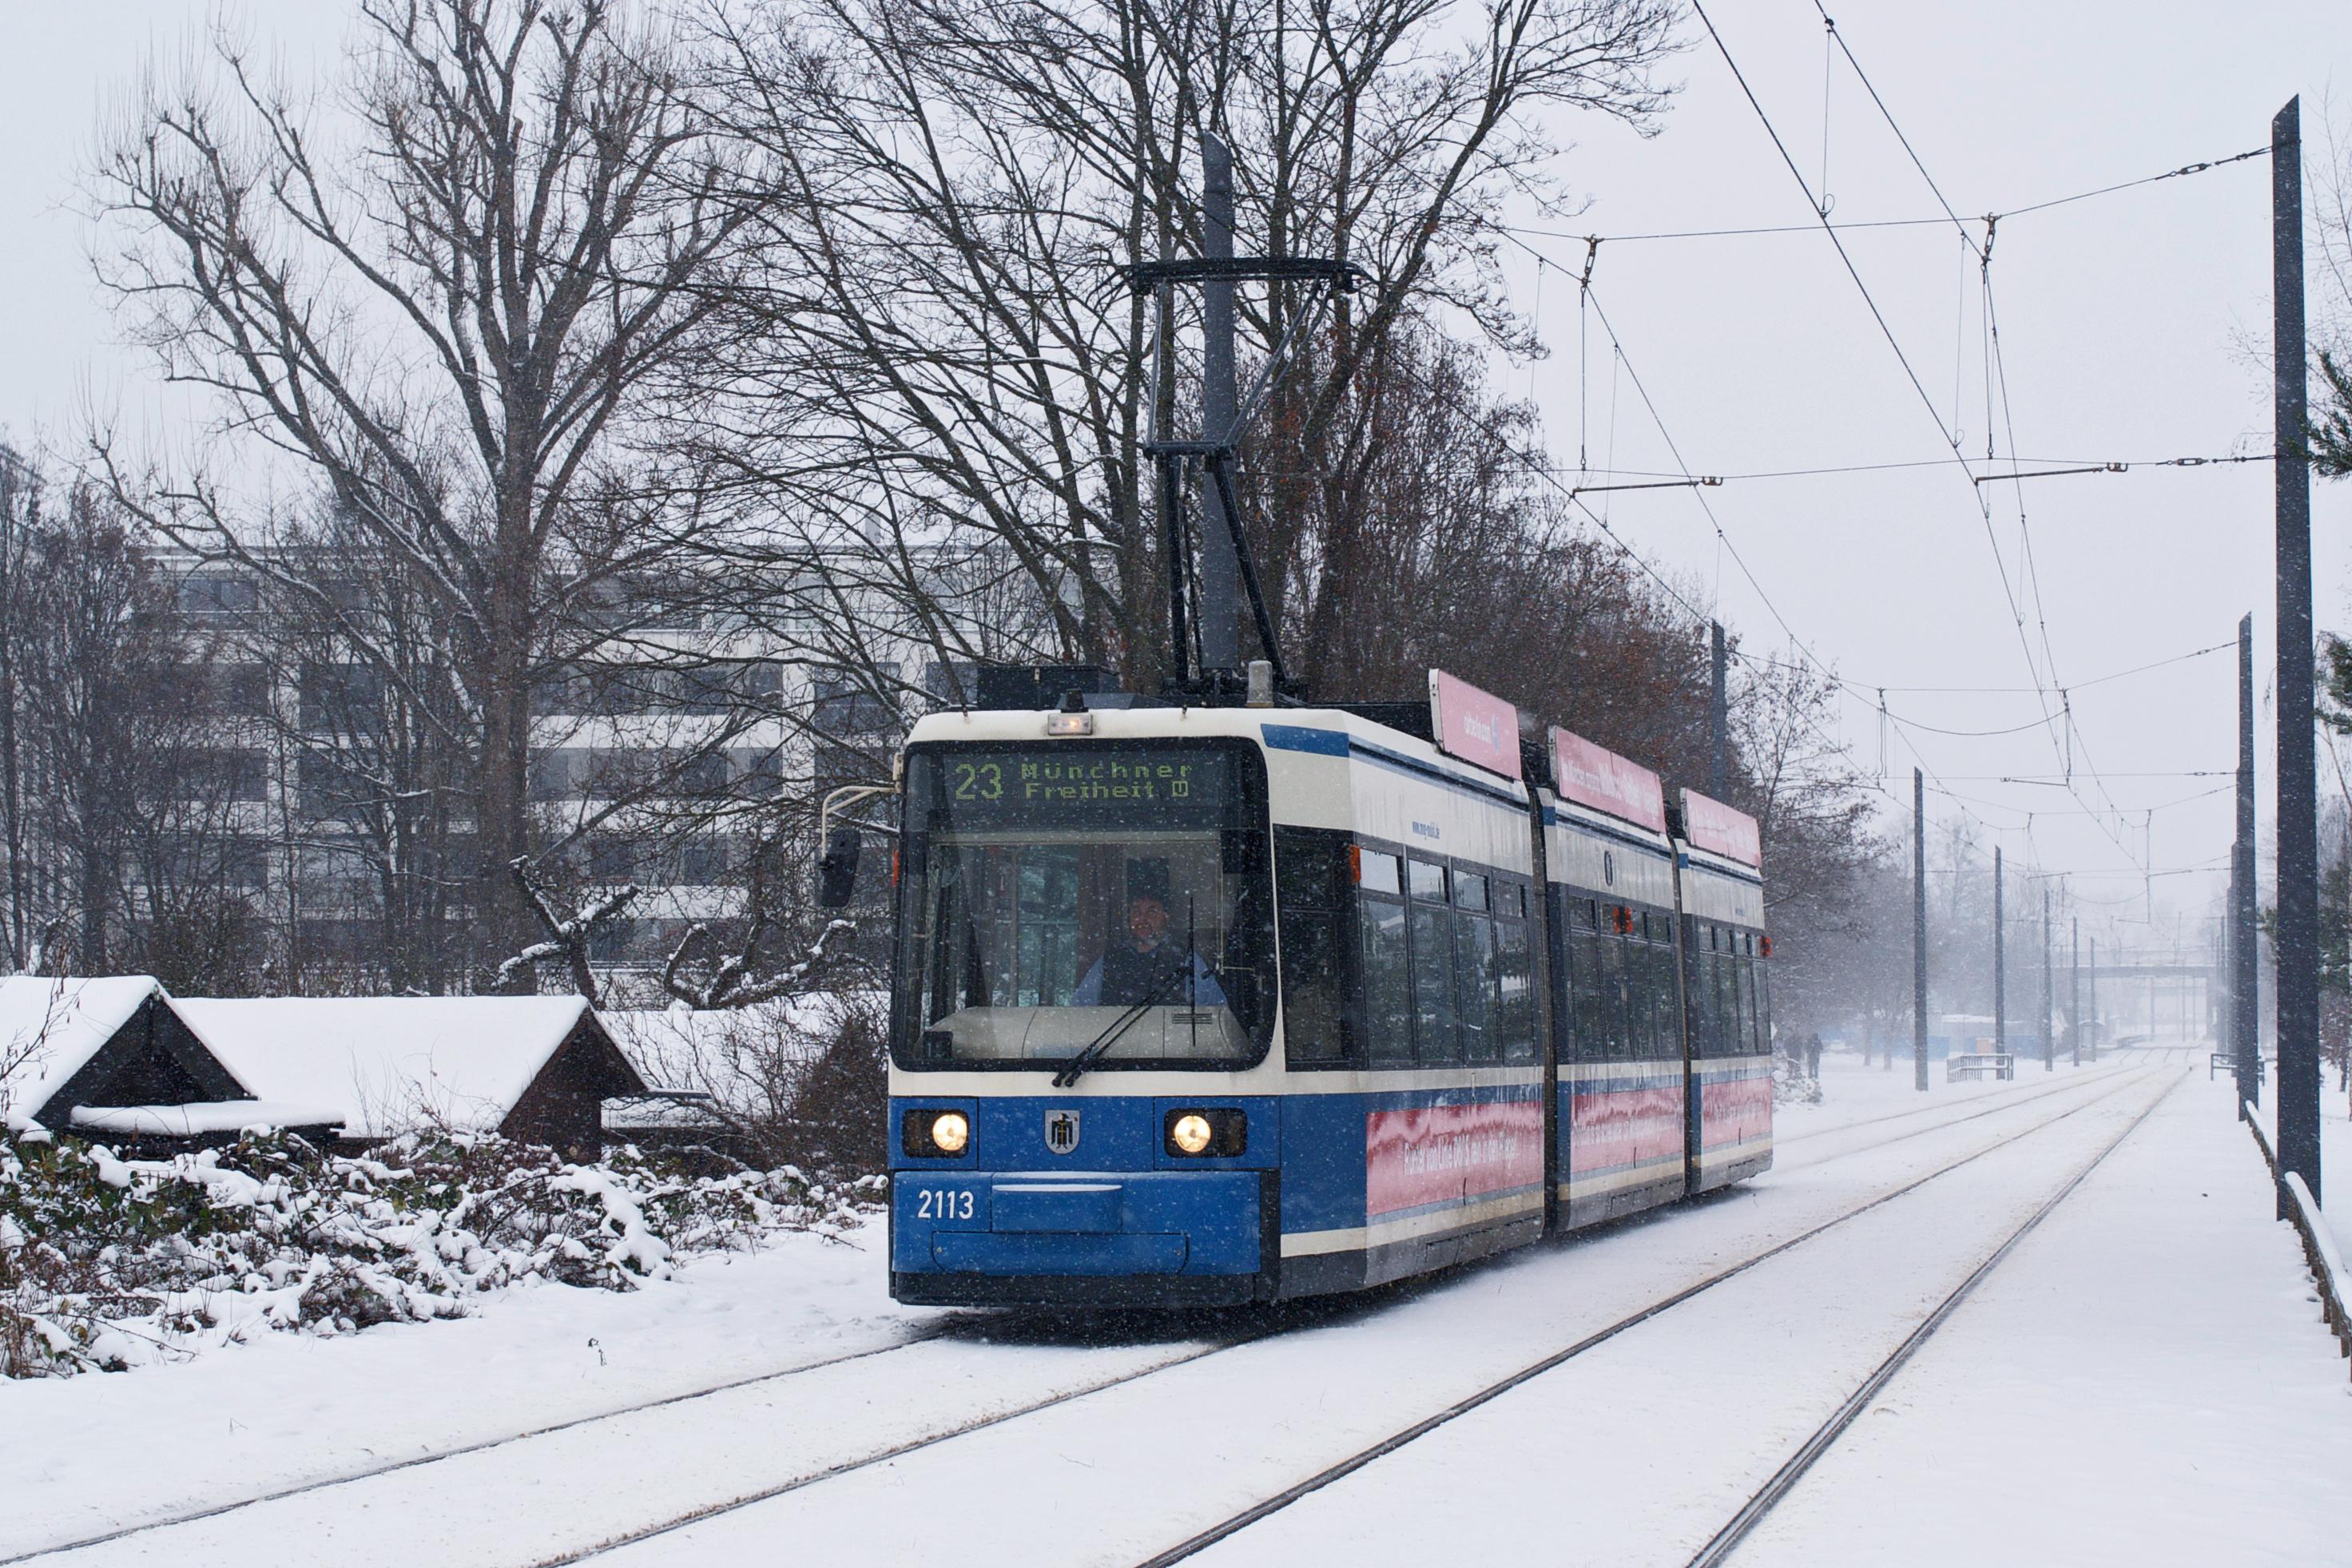 R2 2113 am Rande des verschneiten Kleingartenvereins NO26